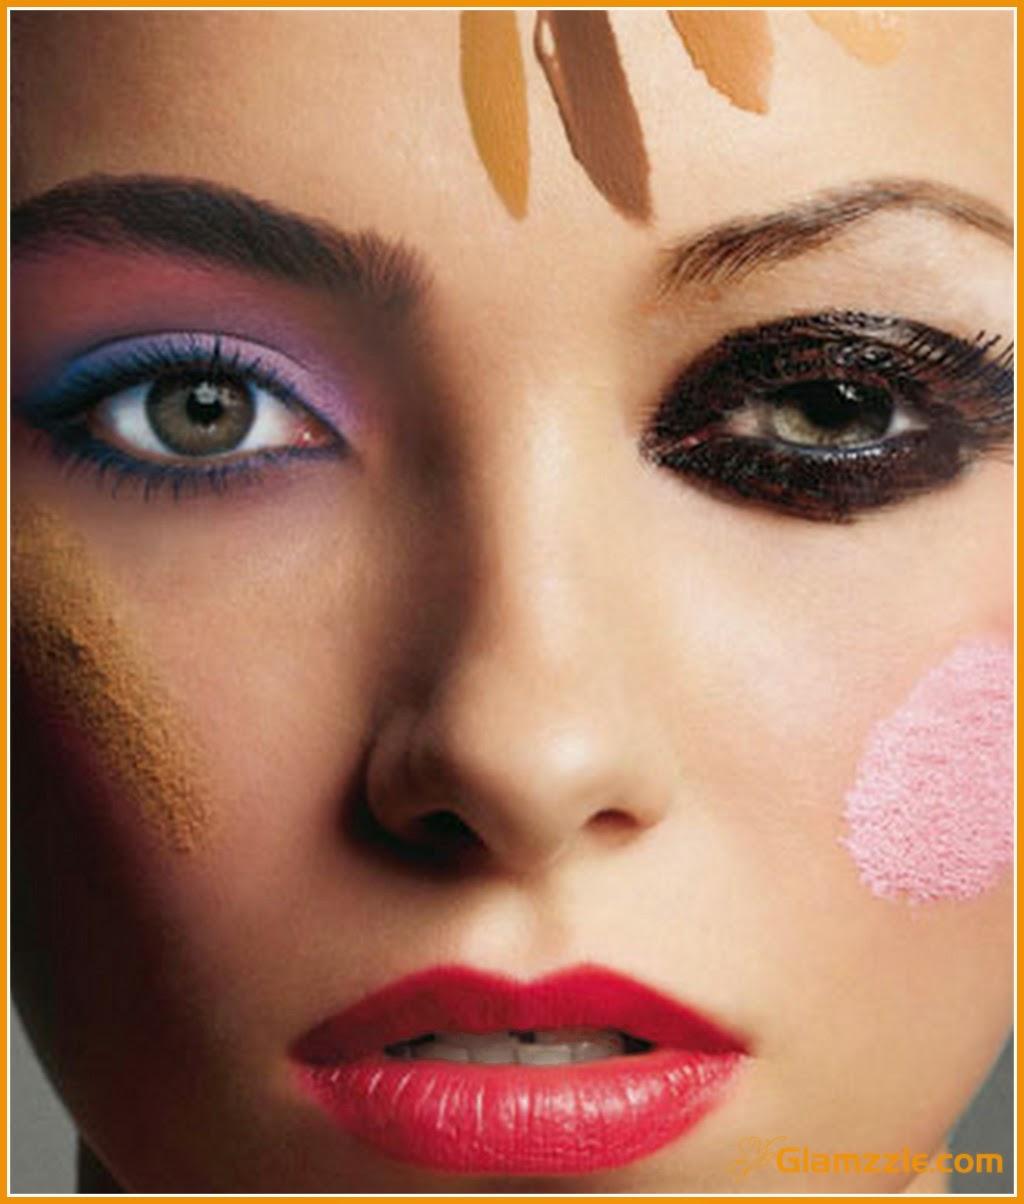 Lima Kesalahan Dalam Melakukan Perawatan Kecantikan